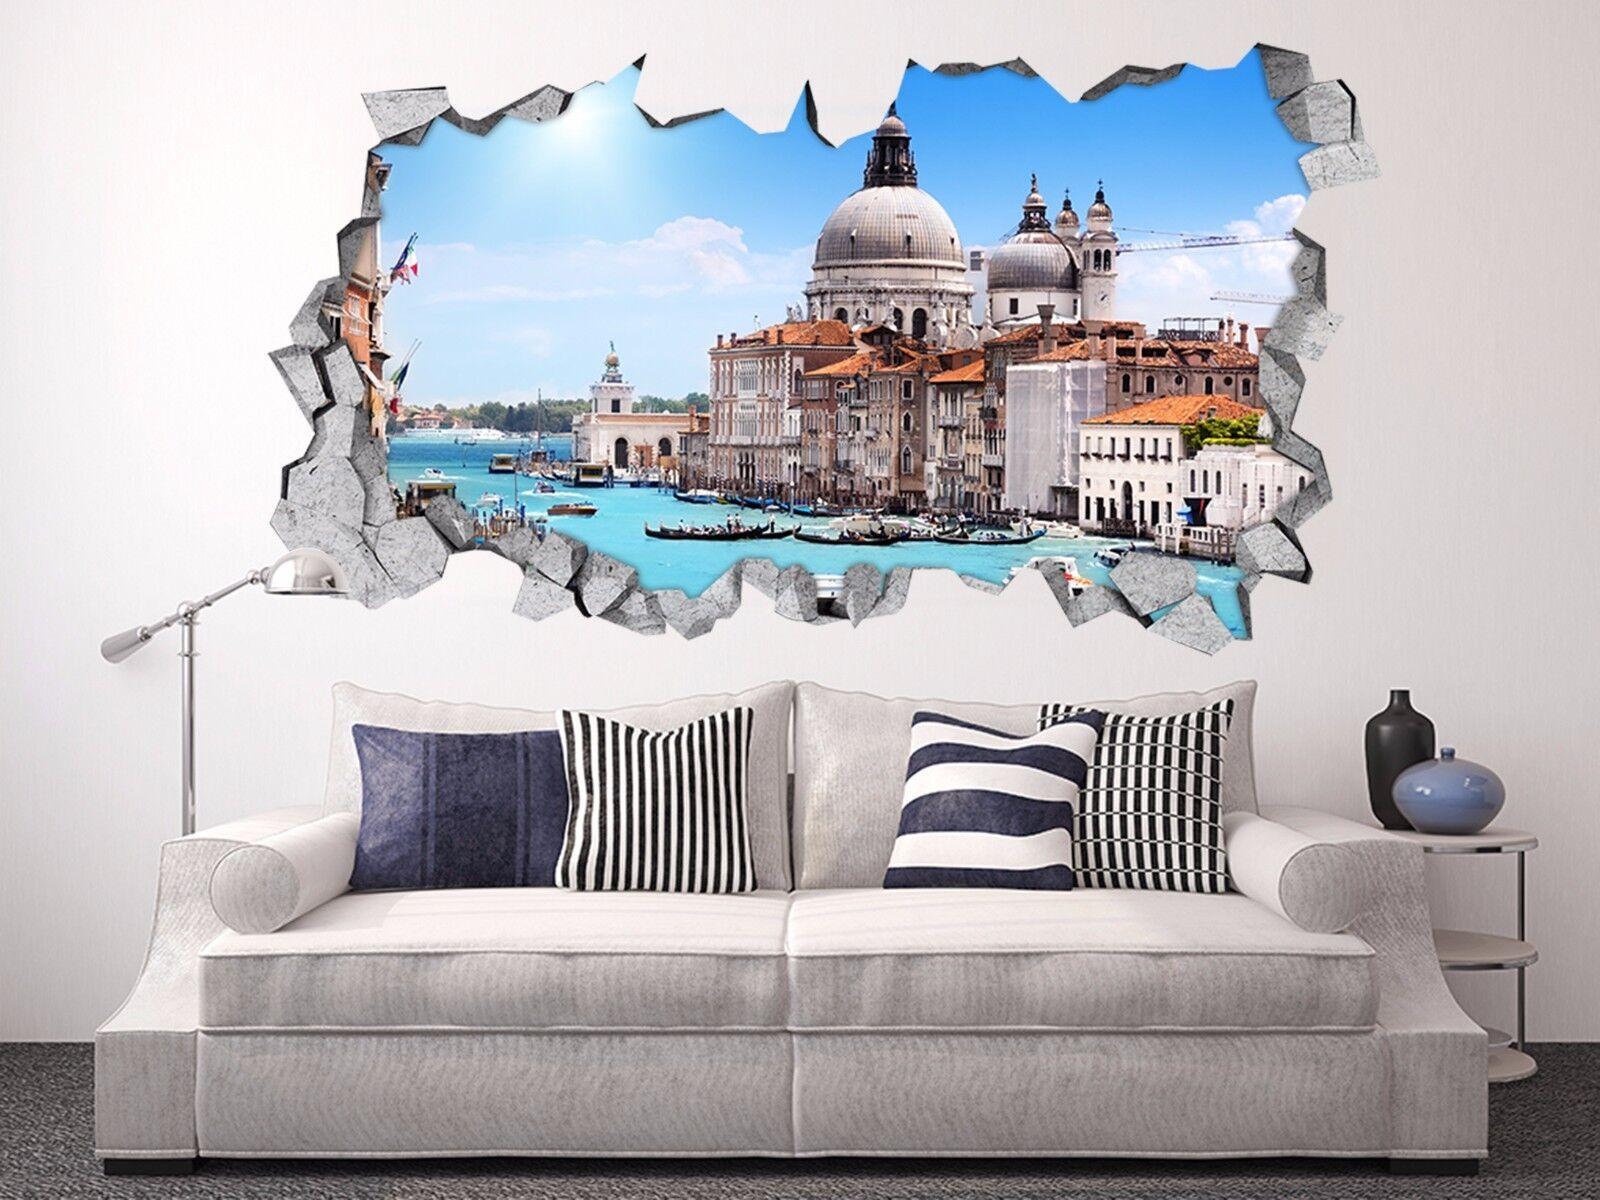 3D Venedig Italien 4 Mauer Murals Aufklebe Decal Durchbruch AJ WALLPAPER DE Kyra